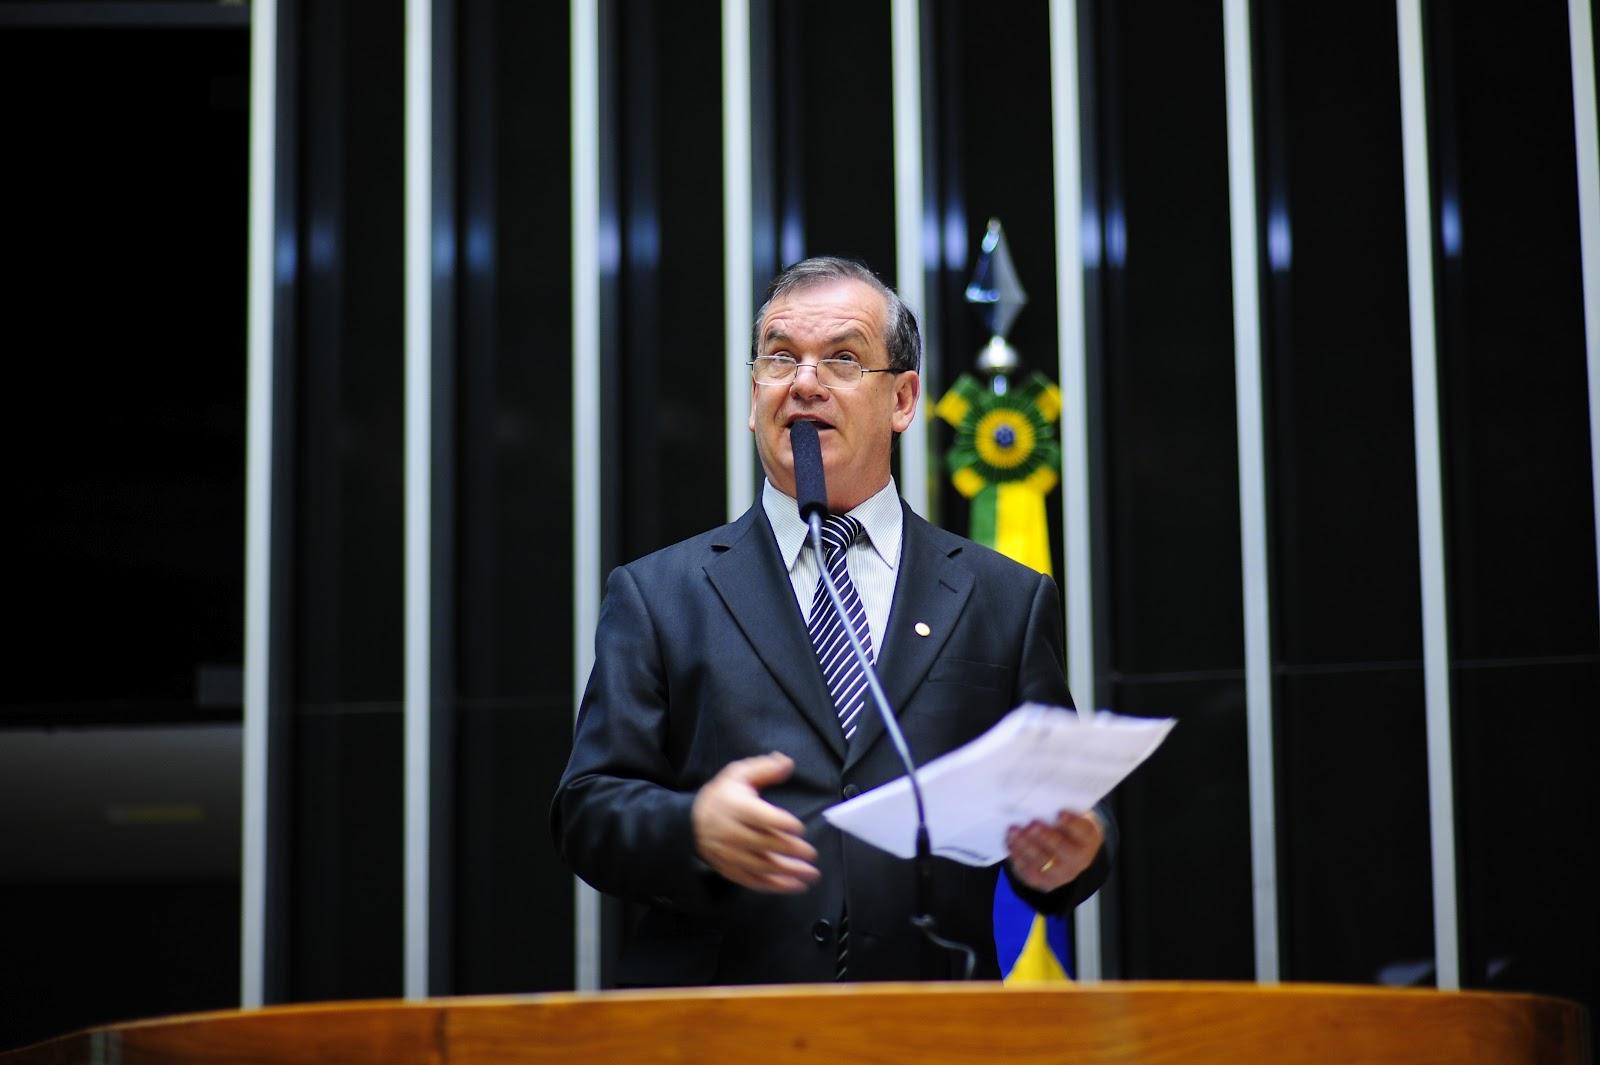 Rogério Peninha (PMDB-SC) quer criar normas para liberar o comércio de armas e revogar normas do Estatuto do Desarmamento; Câmara vai debater projeto